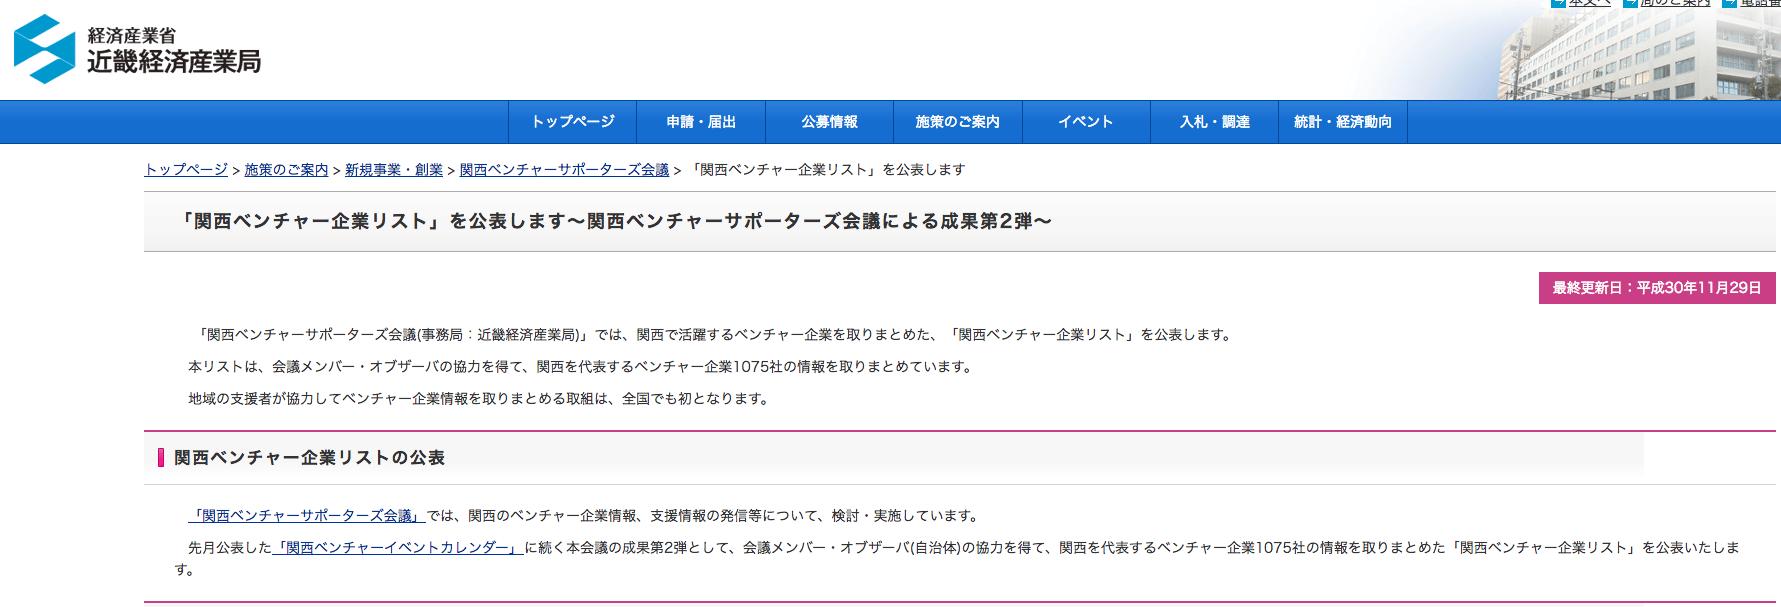 「関西ベンチャー企業リスト」に当社が掲載いただきました